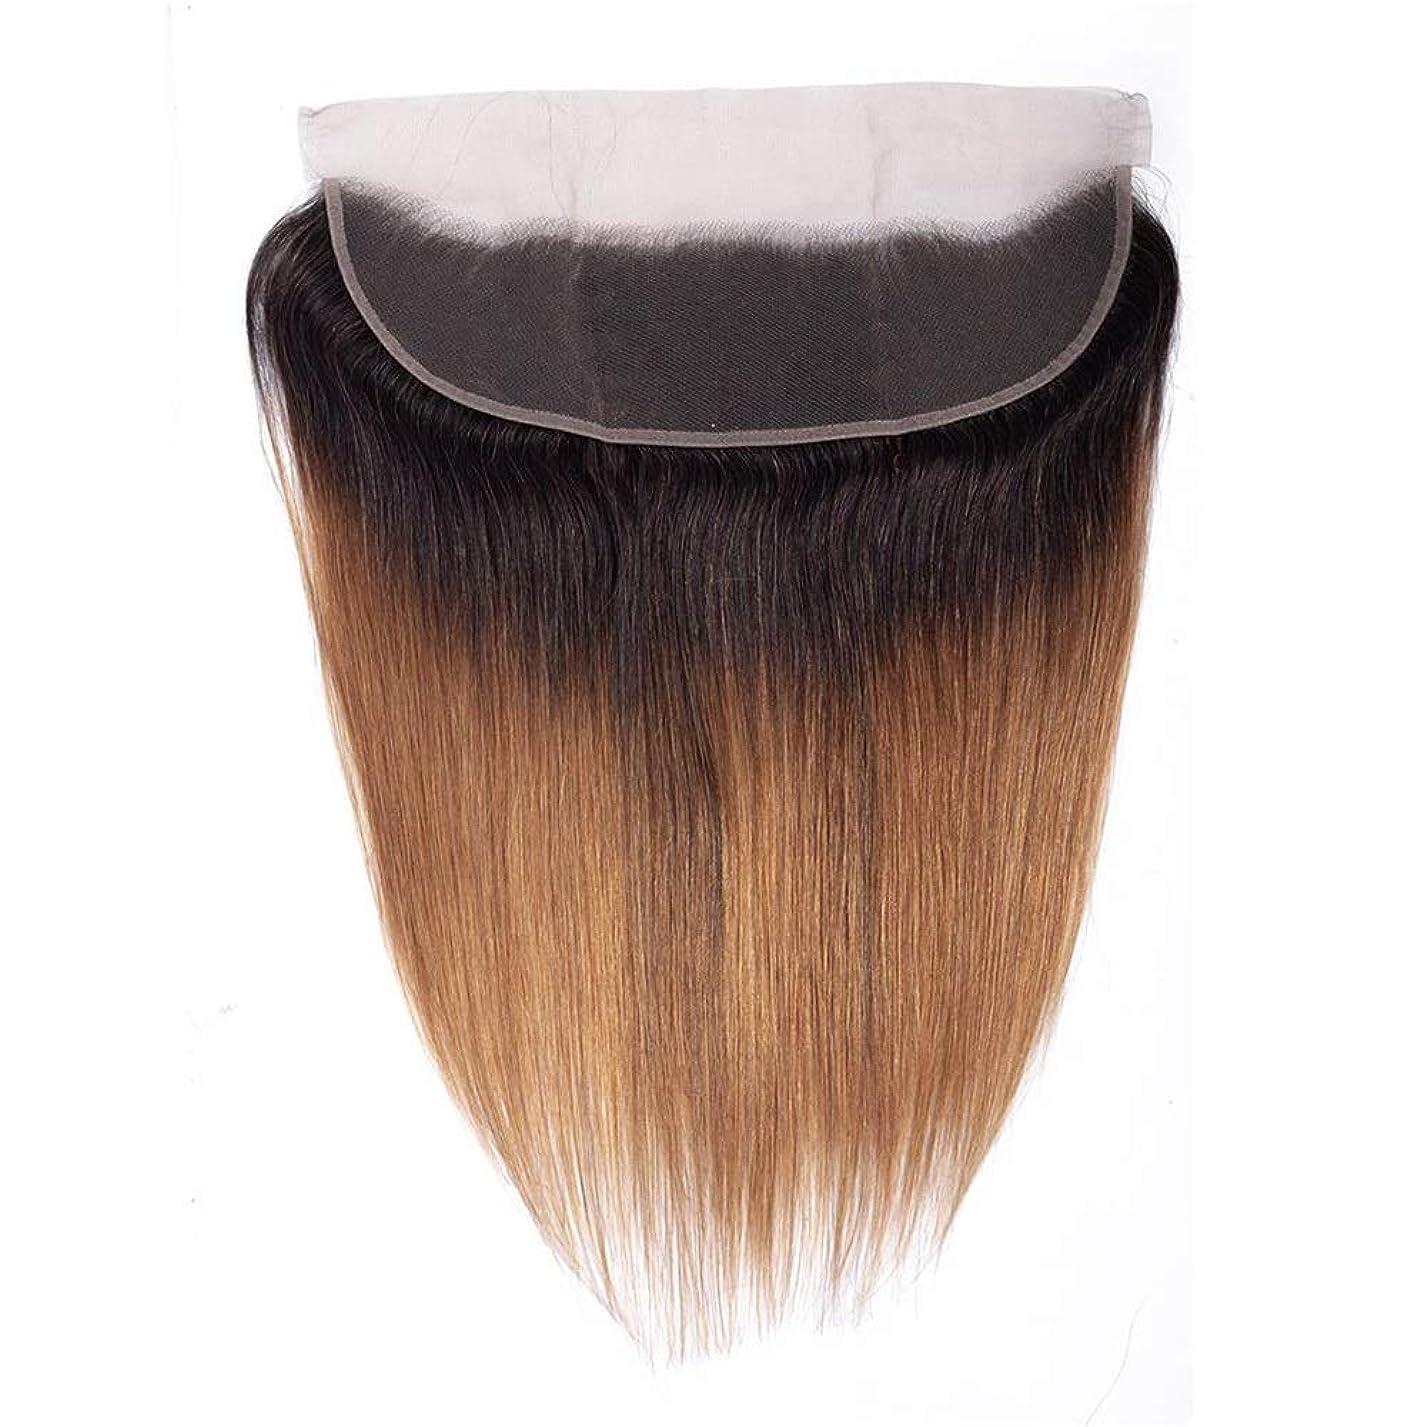 規範クリープ手のひらYESONEEP ブラジルの人間の髪の毛ストレート13 * 4レースクロージャー1B / 30黒から茶色の2トーンの色(8インチ18インチ)かつらショートかつら (Color : ブラウン, サイズ : 12 inch)